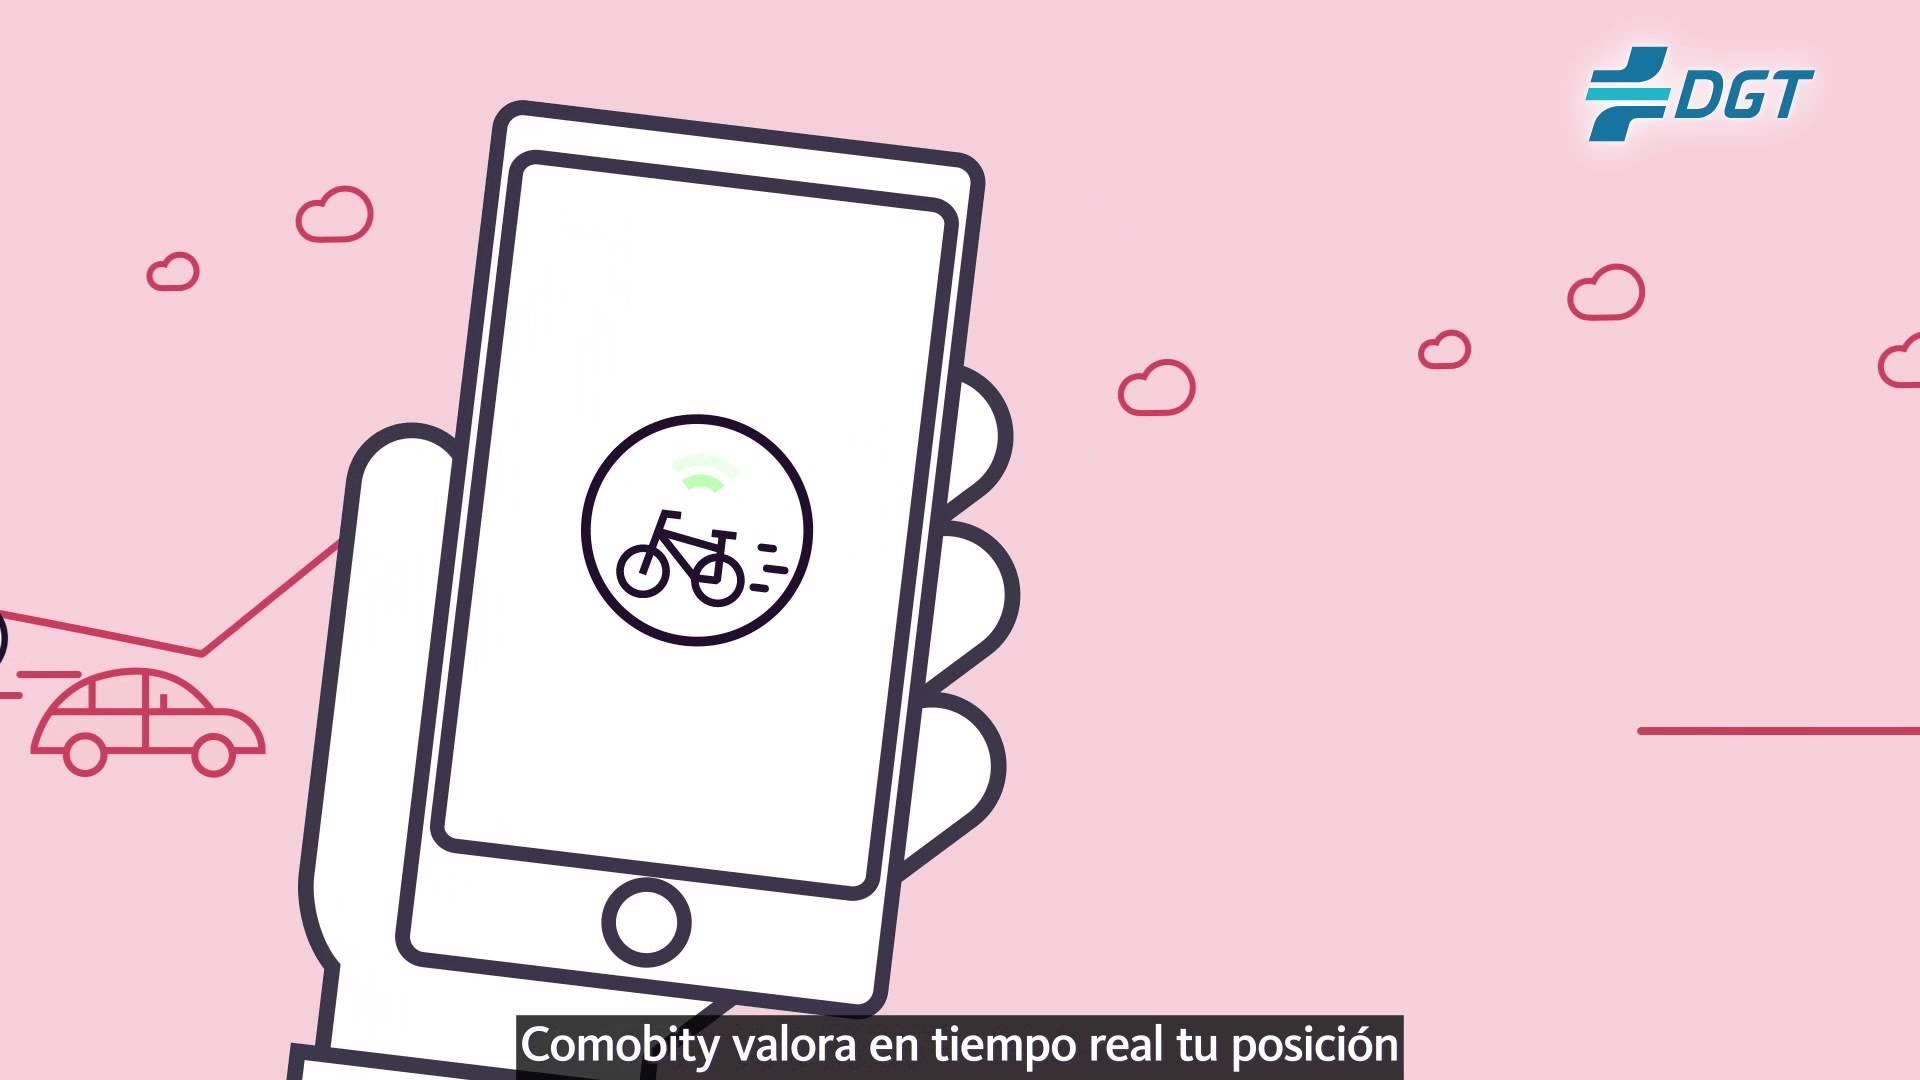 App Comobity